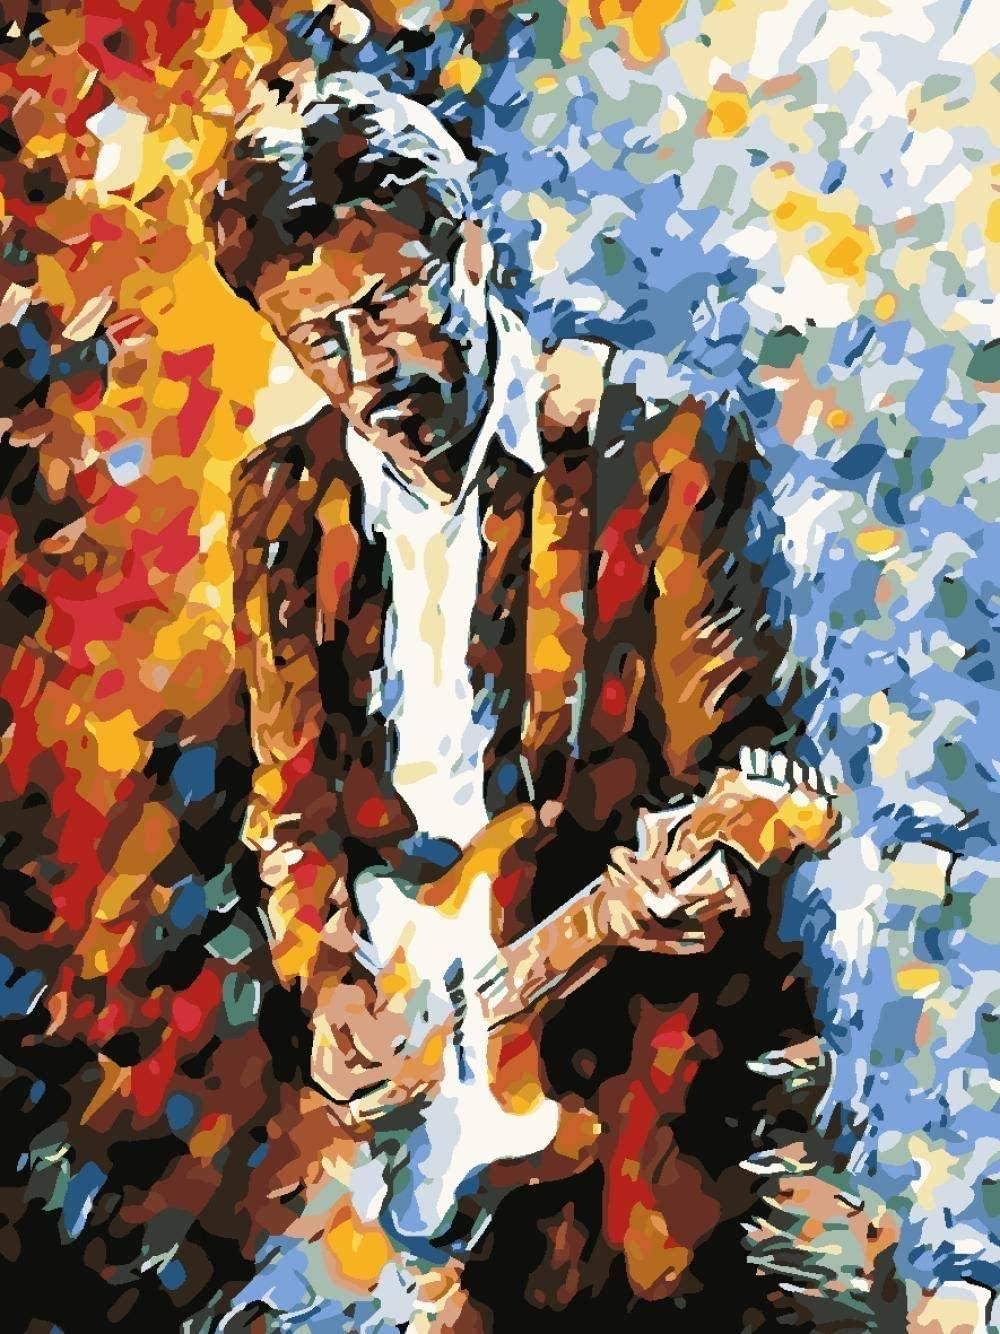 Diy Cuadro De Pintura Digital Número De Pintura Hombre Adulto Tocando Guitarra Música Pintura Kit Digital Para Niños Principiantes Adultos Con Pincel Y Pintura Regalo Decoración De Cumpleaños